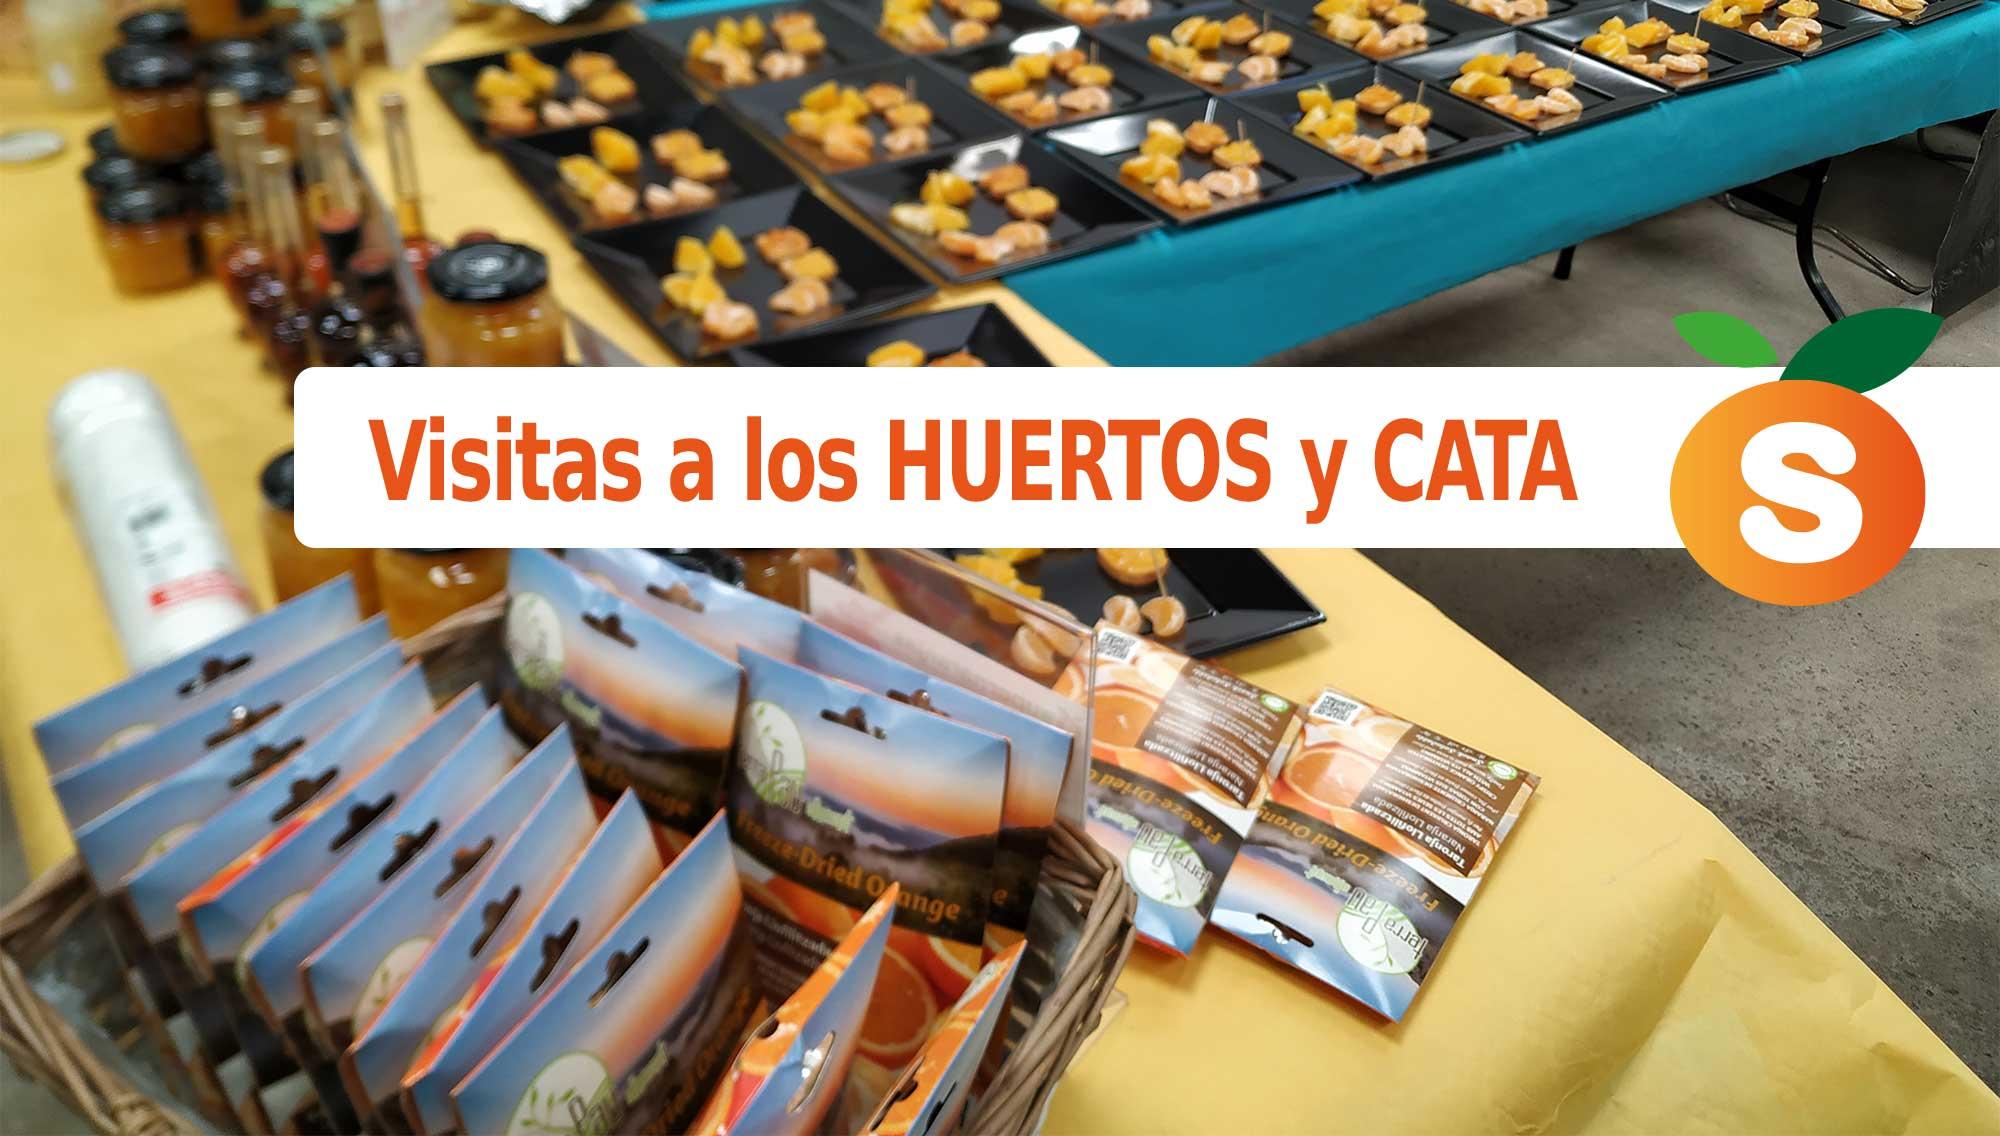 Visita a los Huertos de NARANJAS y CATA de Productos SuperNaranjas (Precio 8€ por persona en Burriana - Castellón)